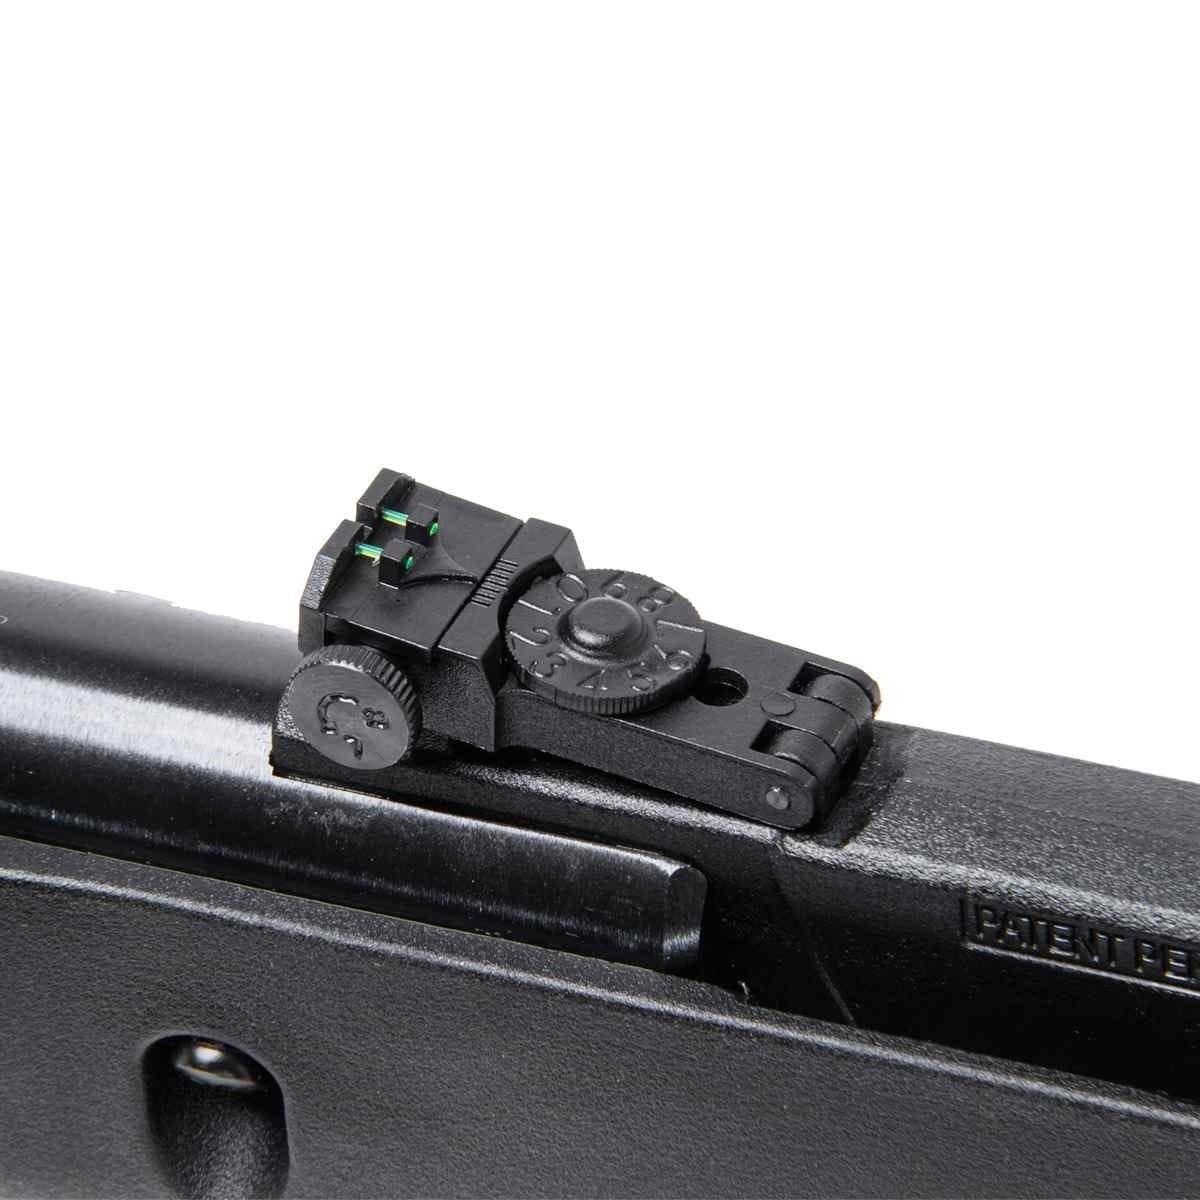 Carabina de Pressão Hatsan AIRTACT PD 5,5mm